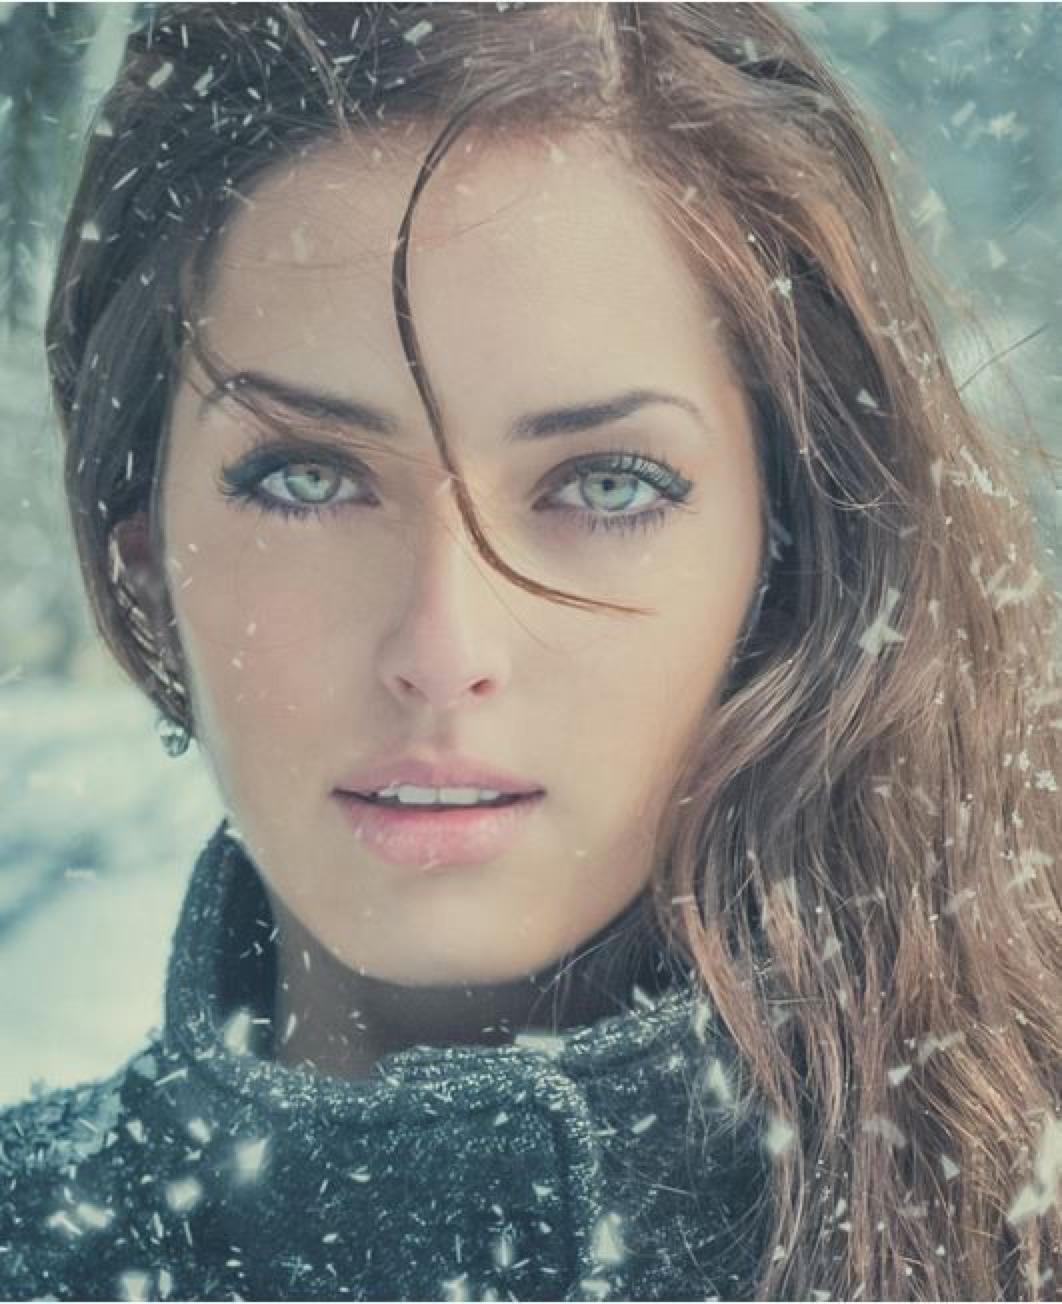 صورة عيون نساء جميلات 12979 5